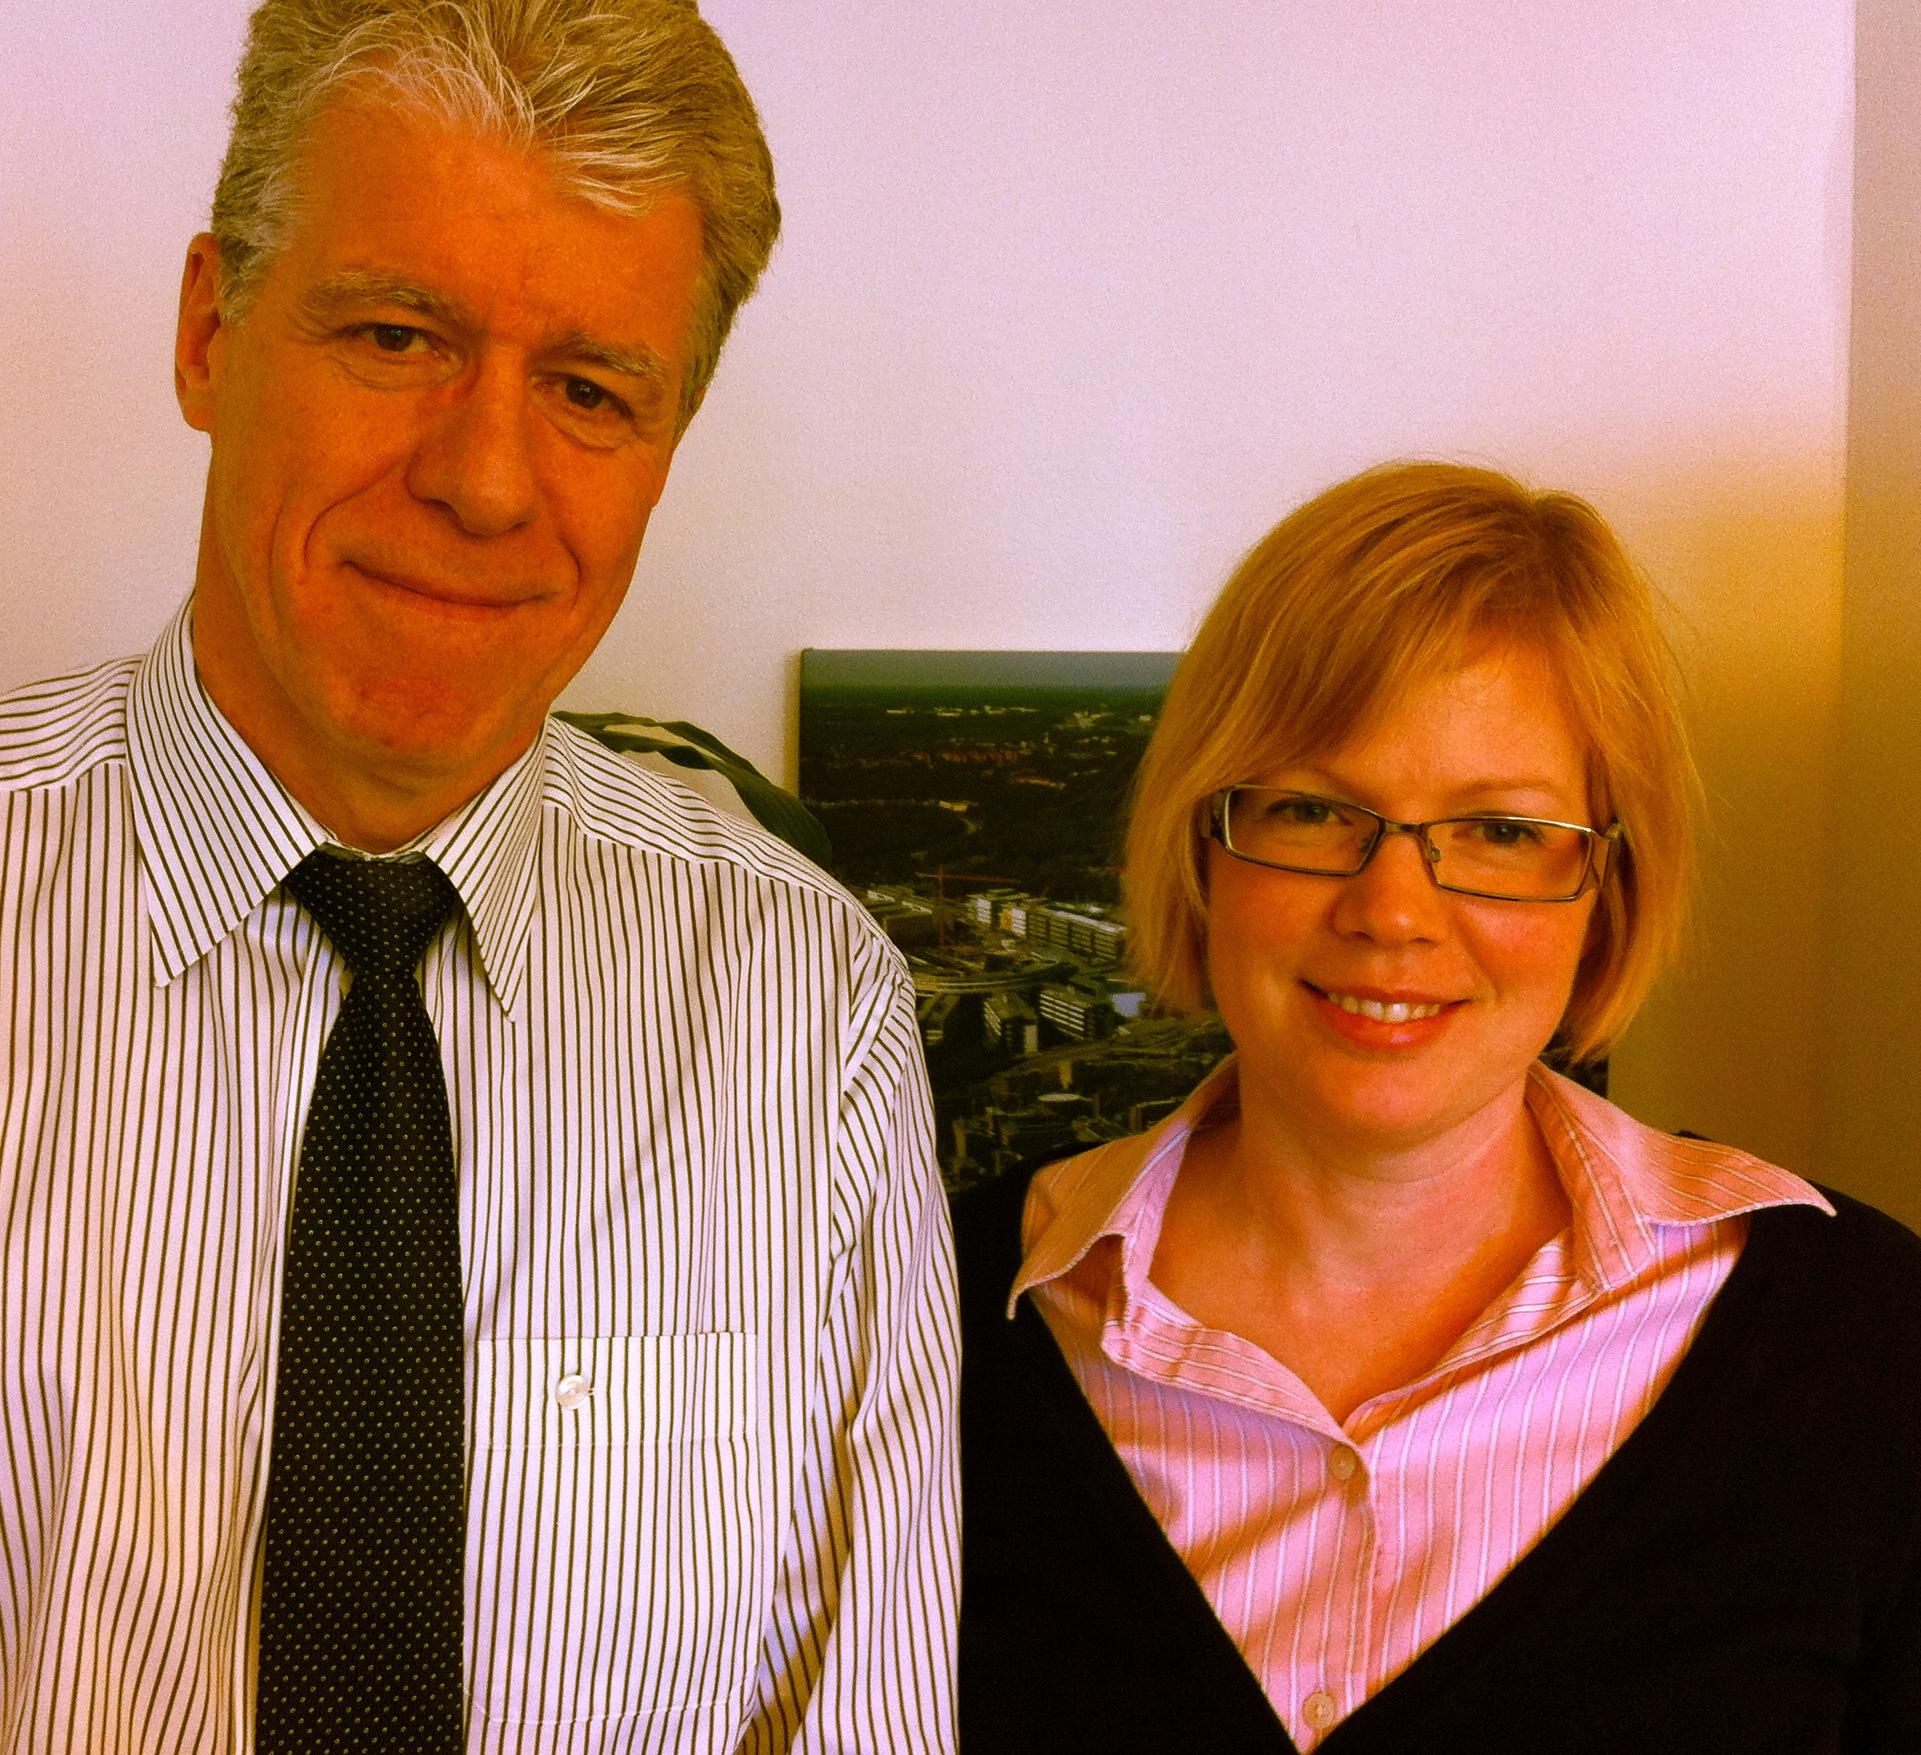 Birgir Jakobsson och jag på Karolinska i Huddinge.